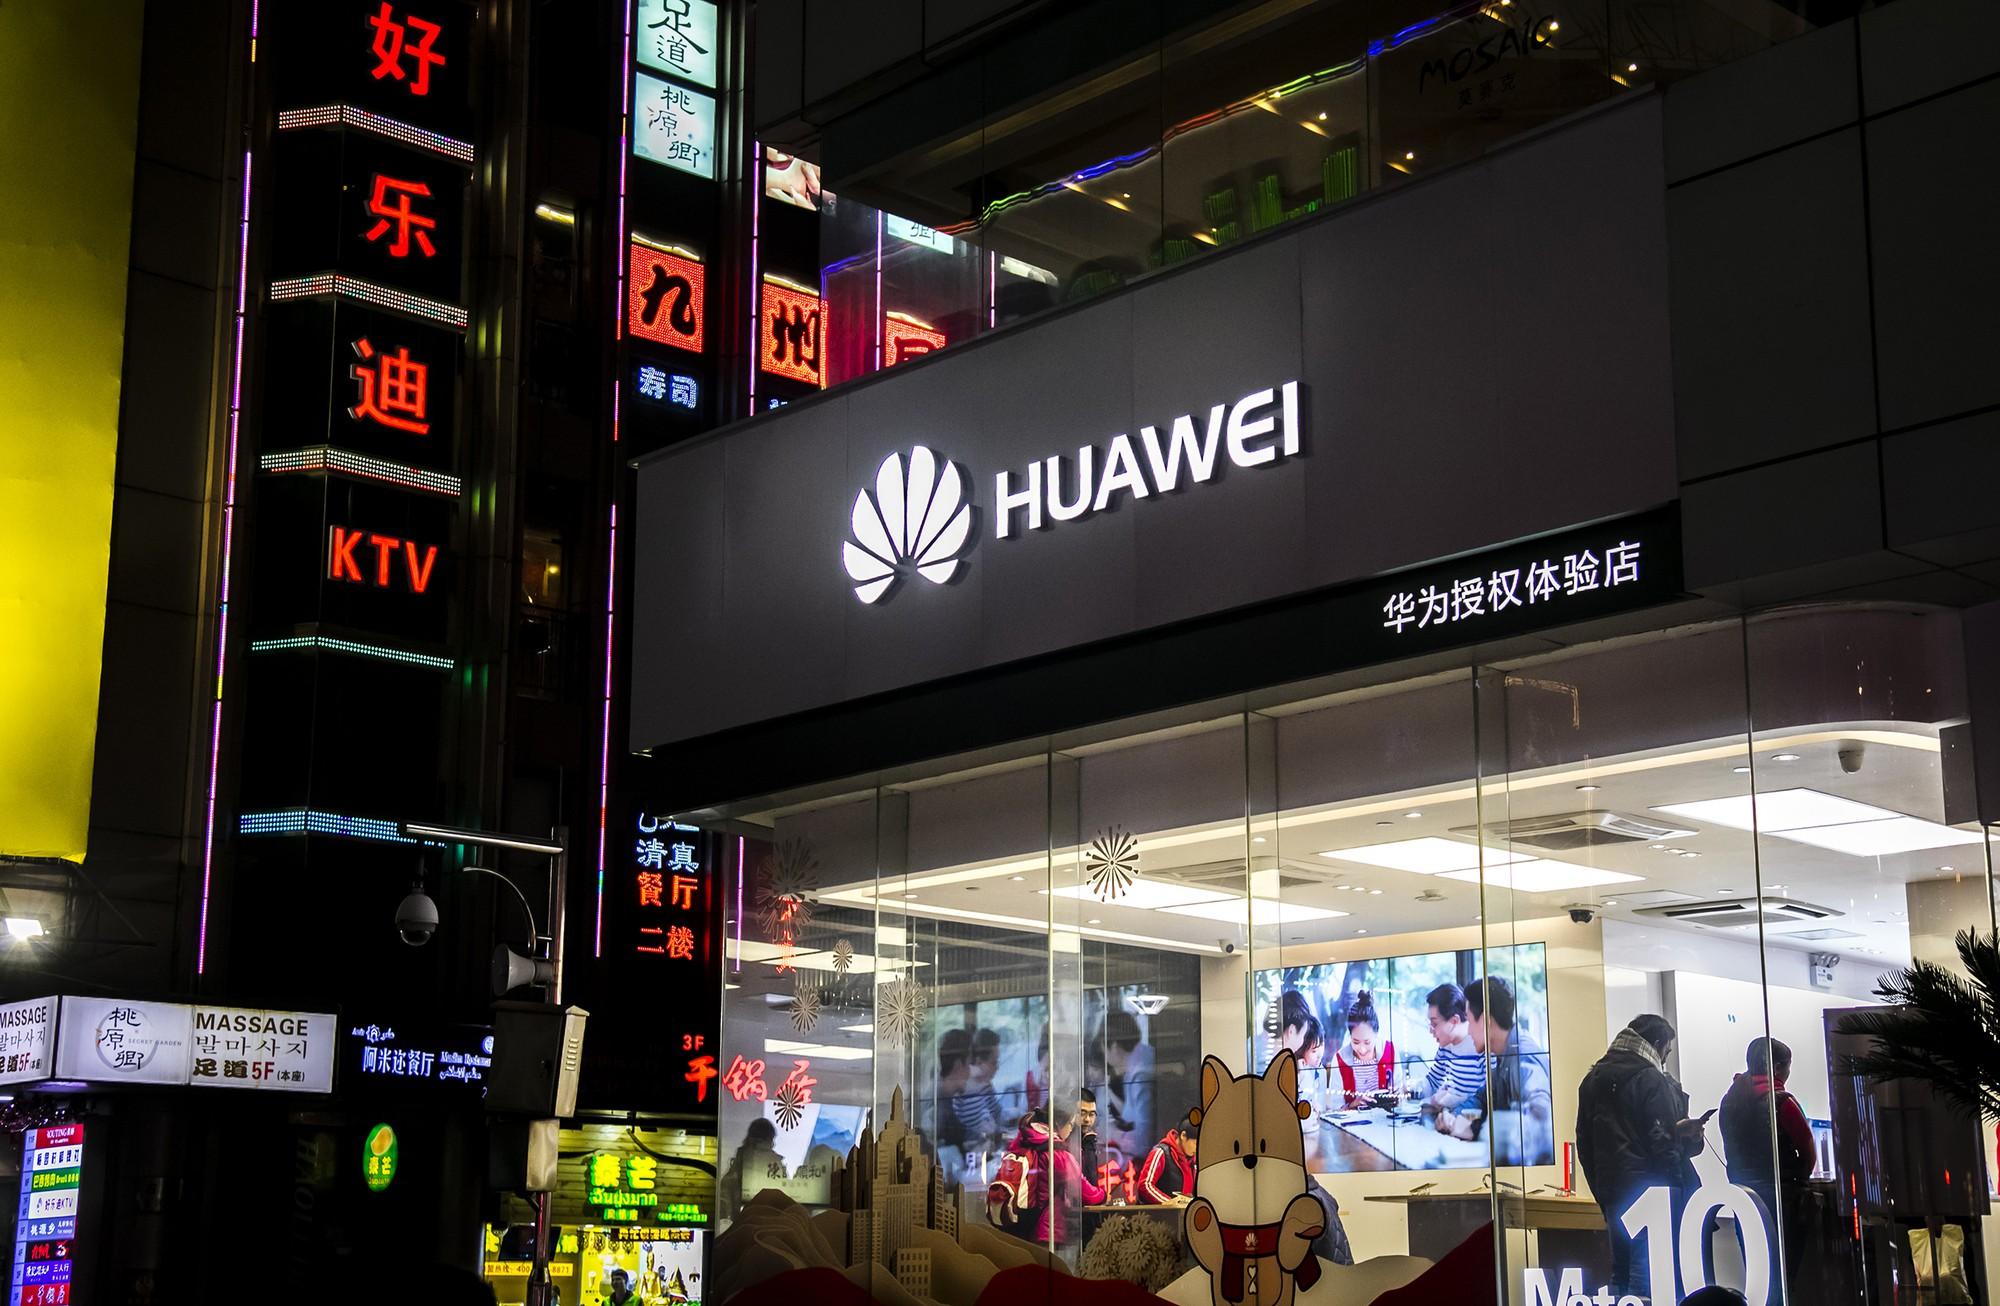 Hết bị Google nghỉ chơi, Huawei lại đang trên bờ vực tẩy chay khỏi cửa hàng Microsoft - Ảnh 2.